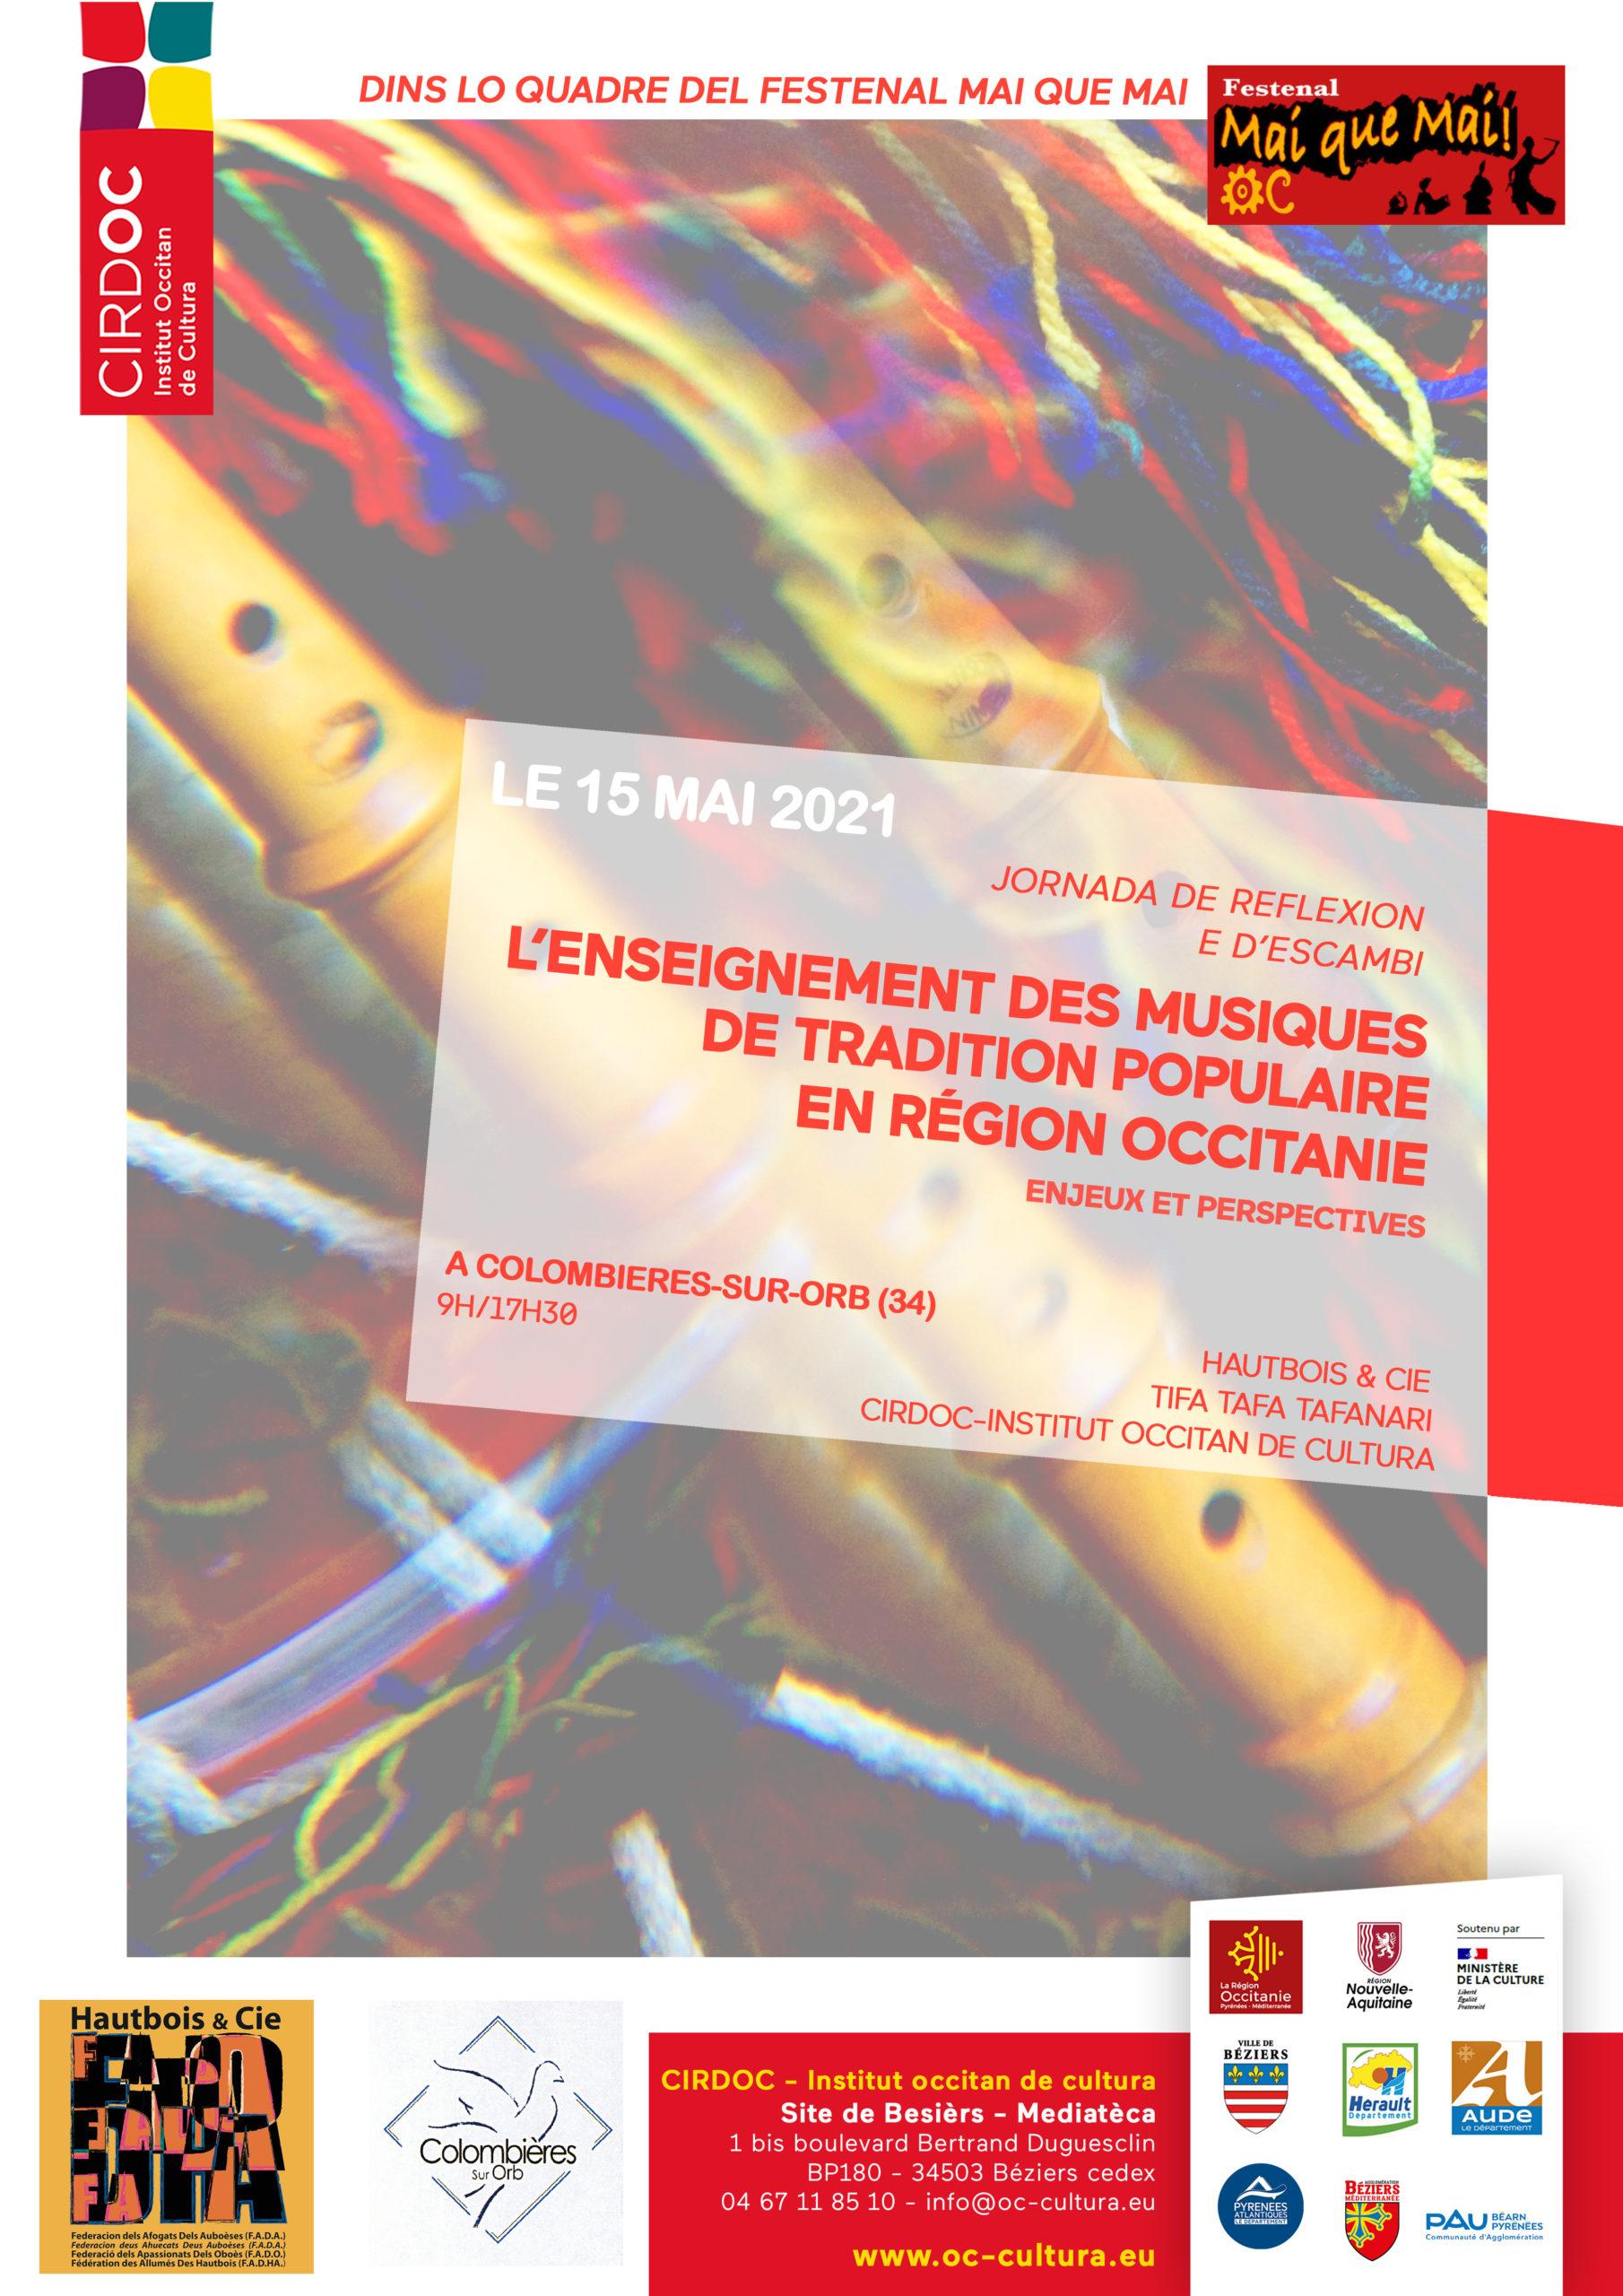 (reporté en 2022) L'enseignement des musiques de tradition populaire en région Occitanie